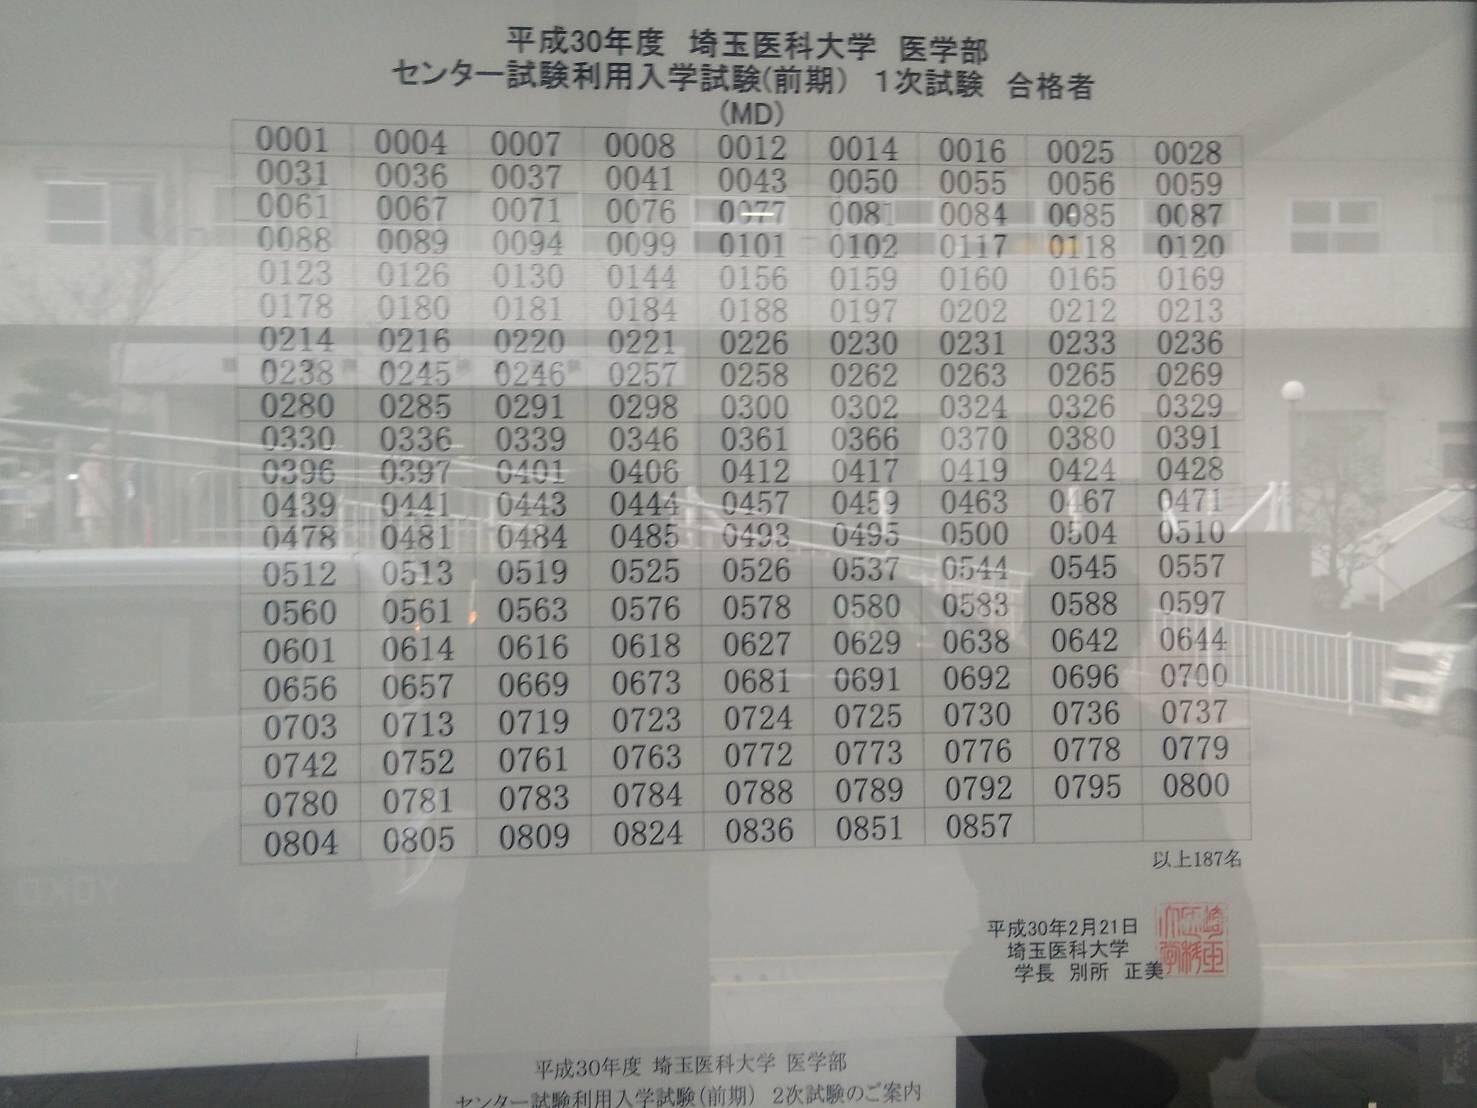 埼玉 医大